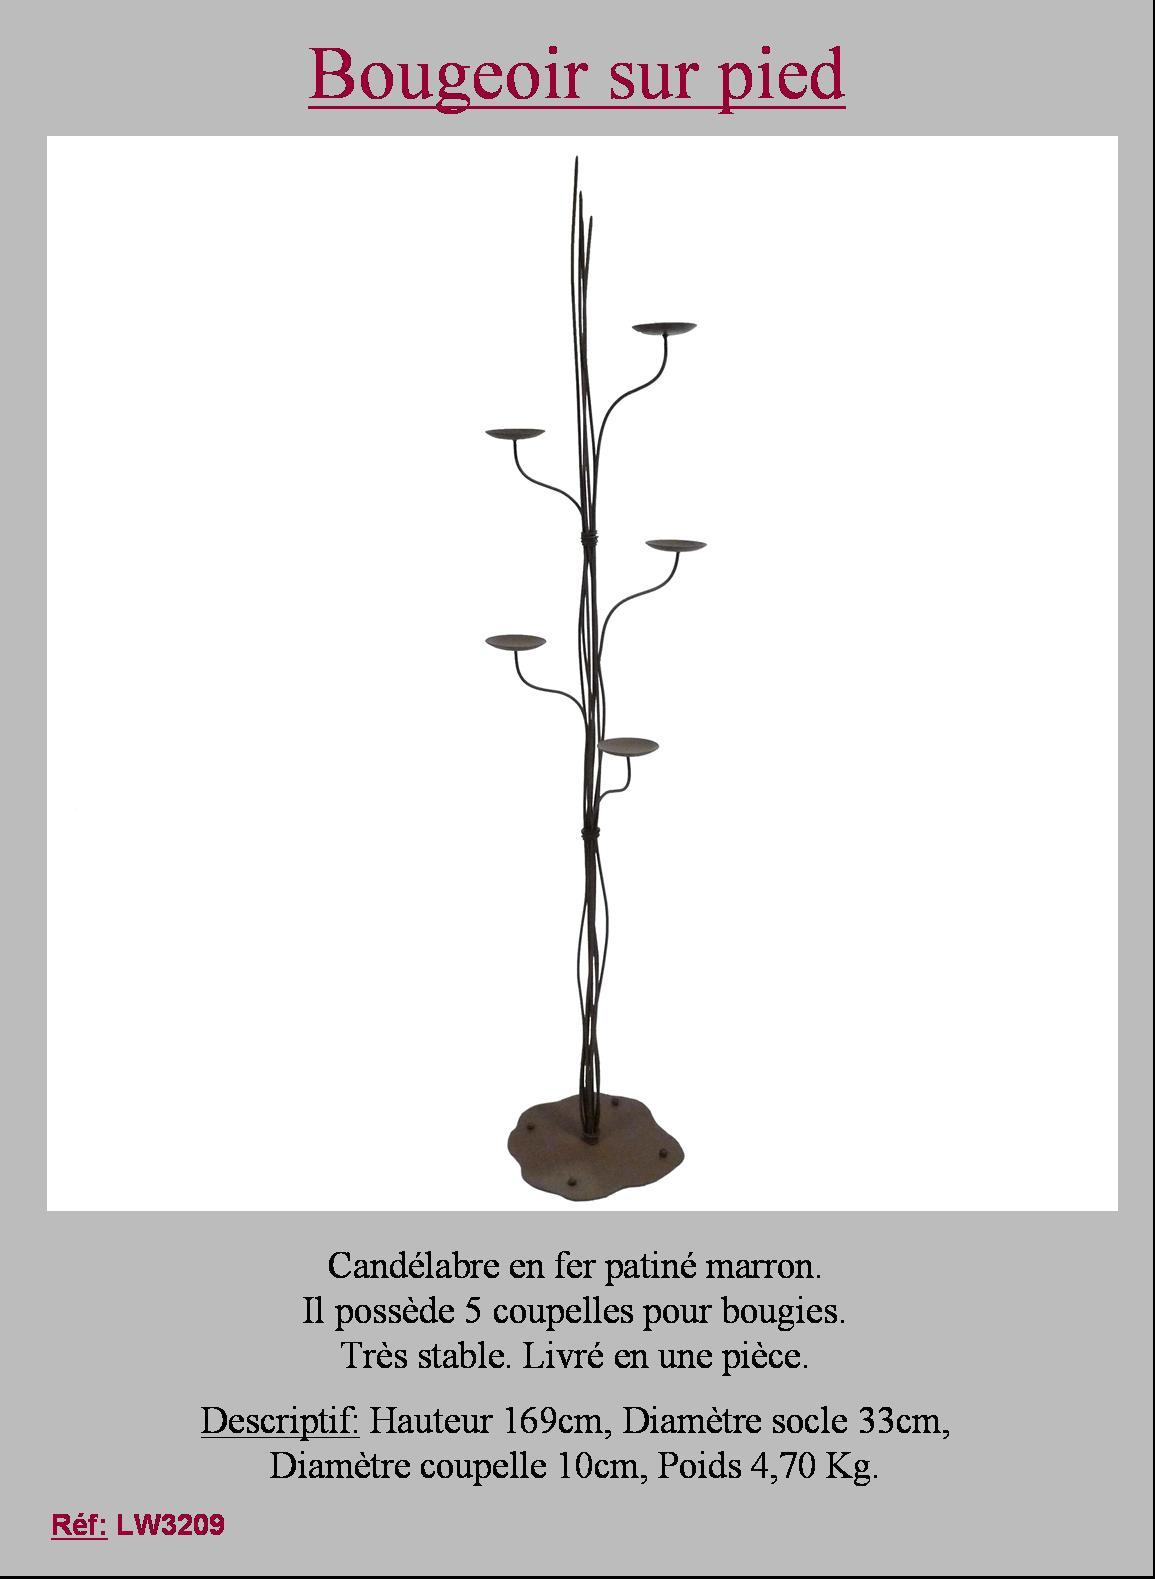 grand bougeoir chandelier sur pied poser 5 feux coupelles pour bougies 169 cm ebay. Black Bedroom Furniture Sets. Home Design Ideas